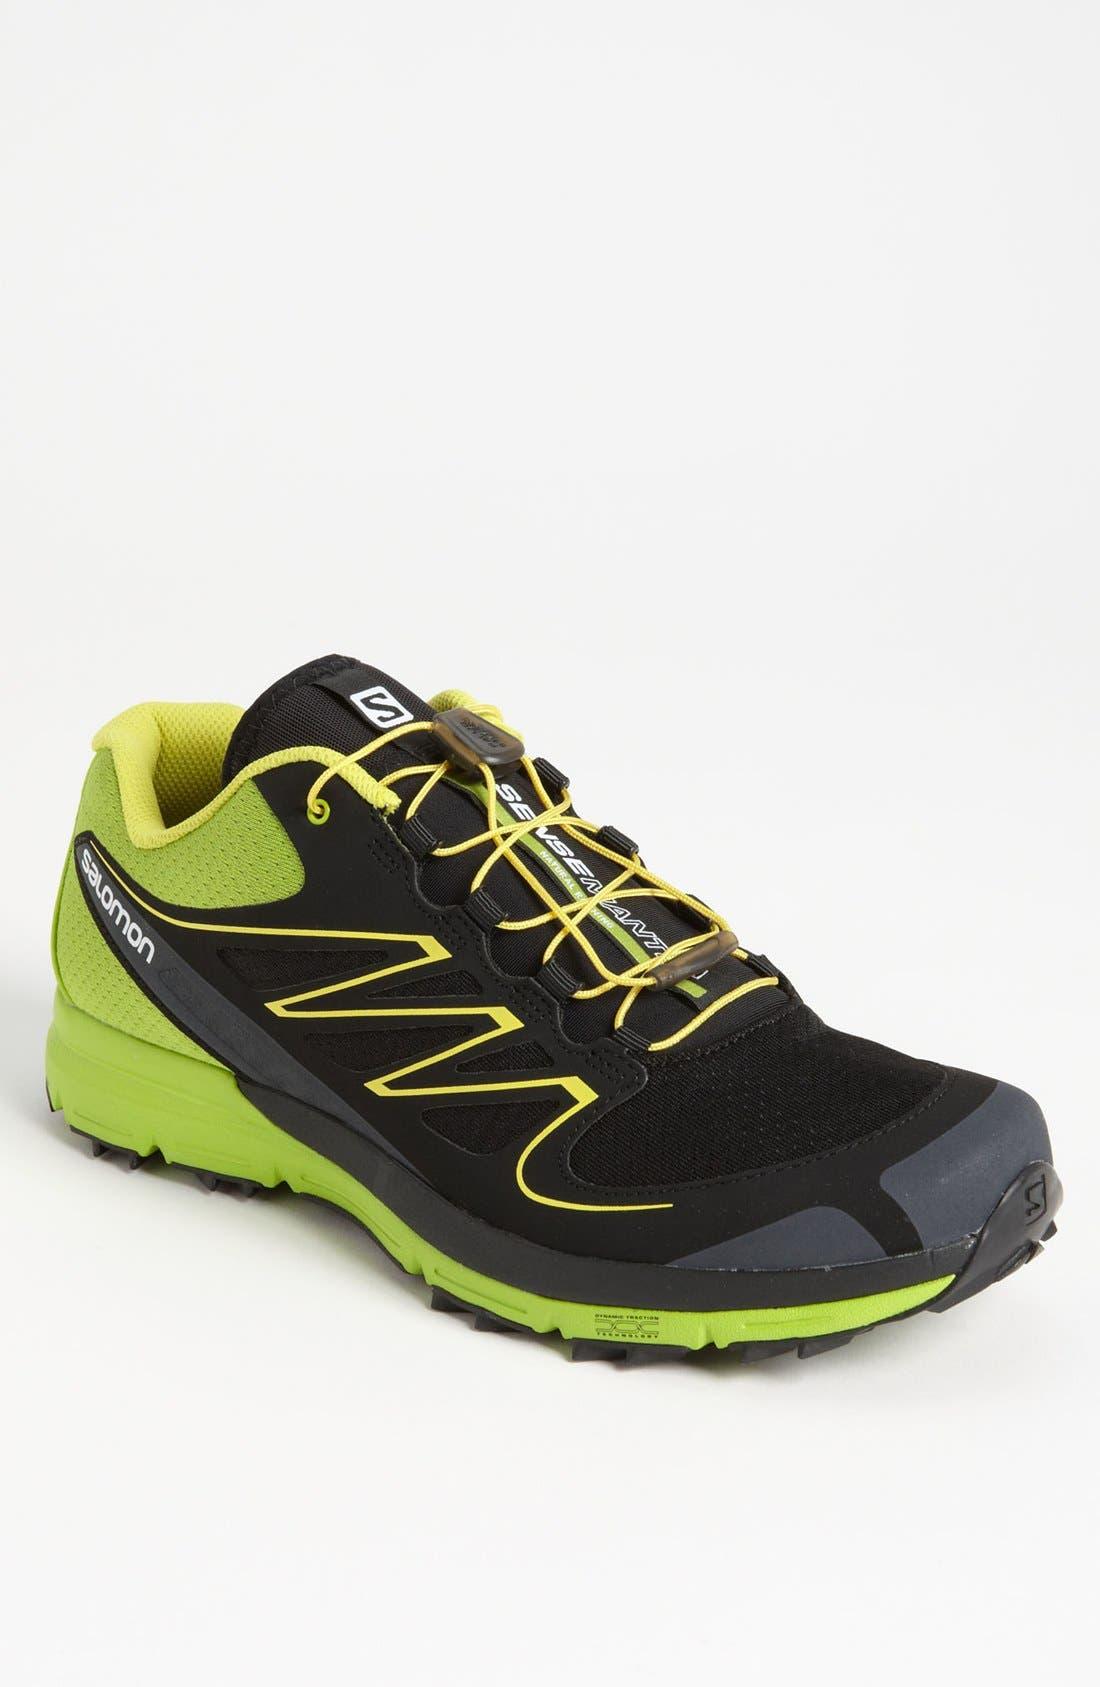 Alternate Image 1 Selected - Salomon 'Sense Mantra' Running Shoe (Men)